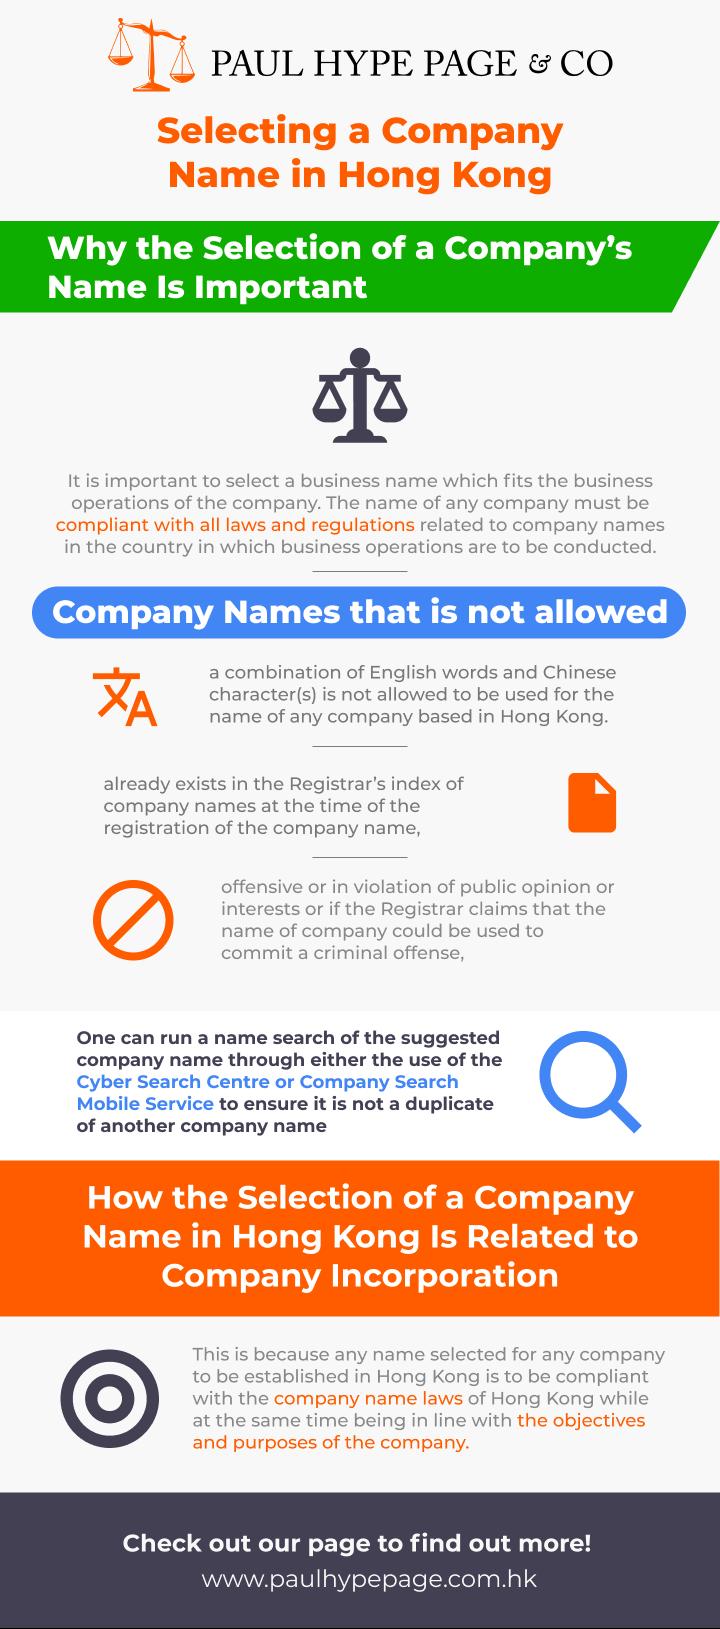 Selecting a Hong Kong Company Name